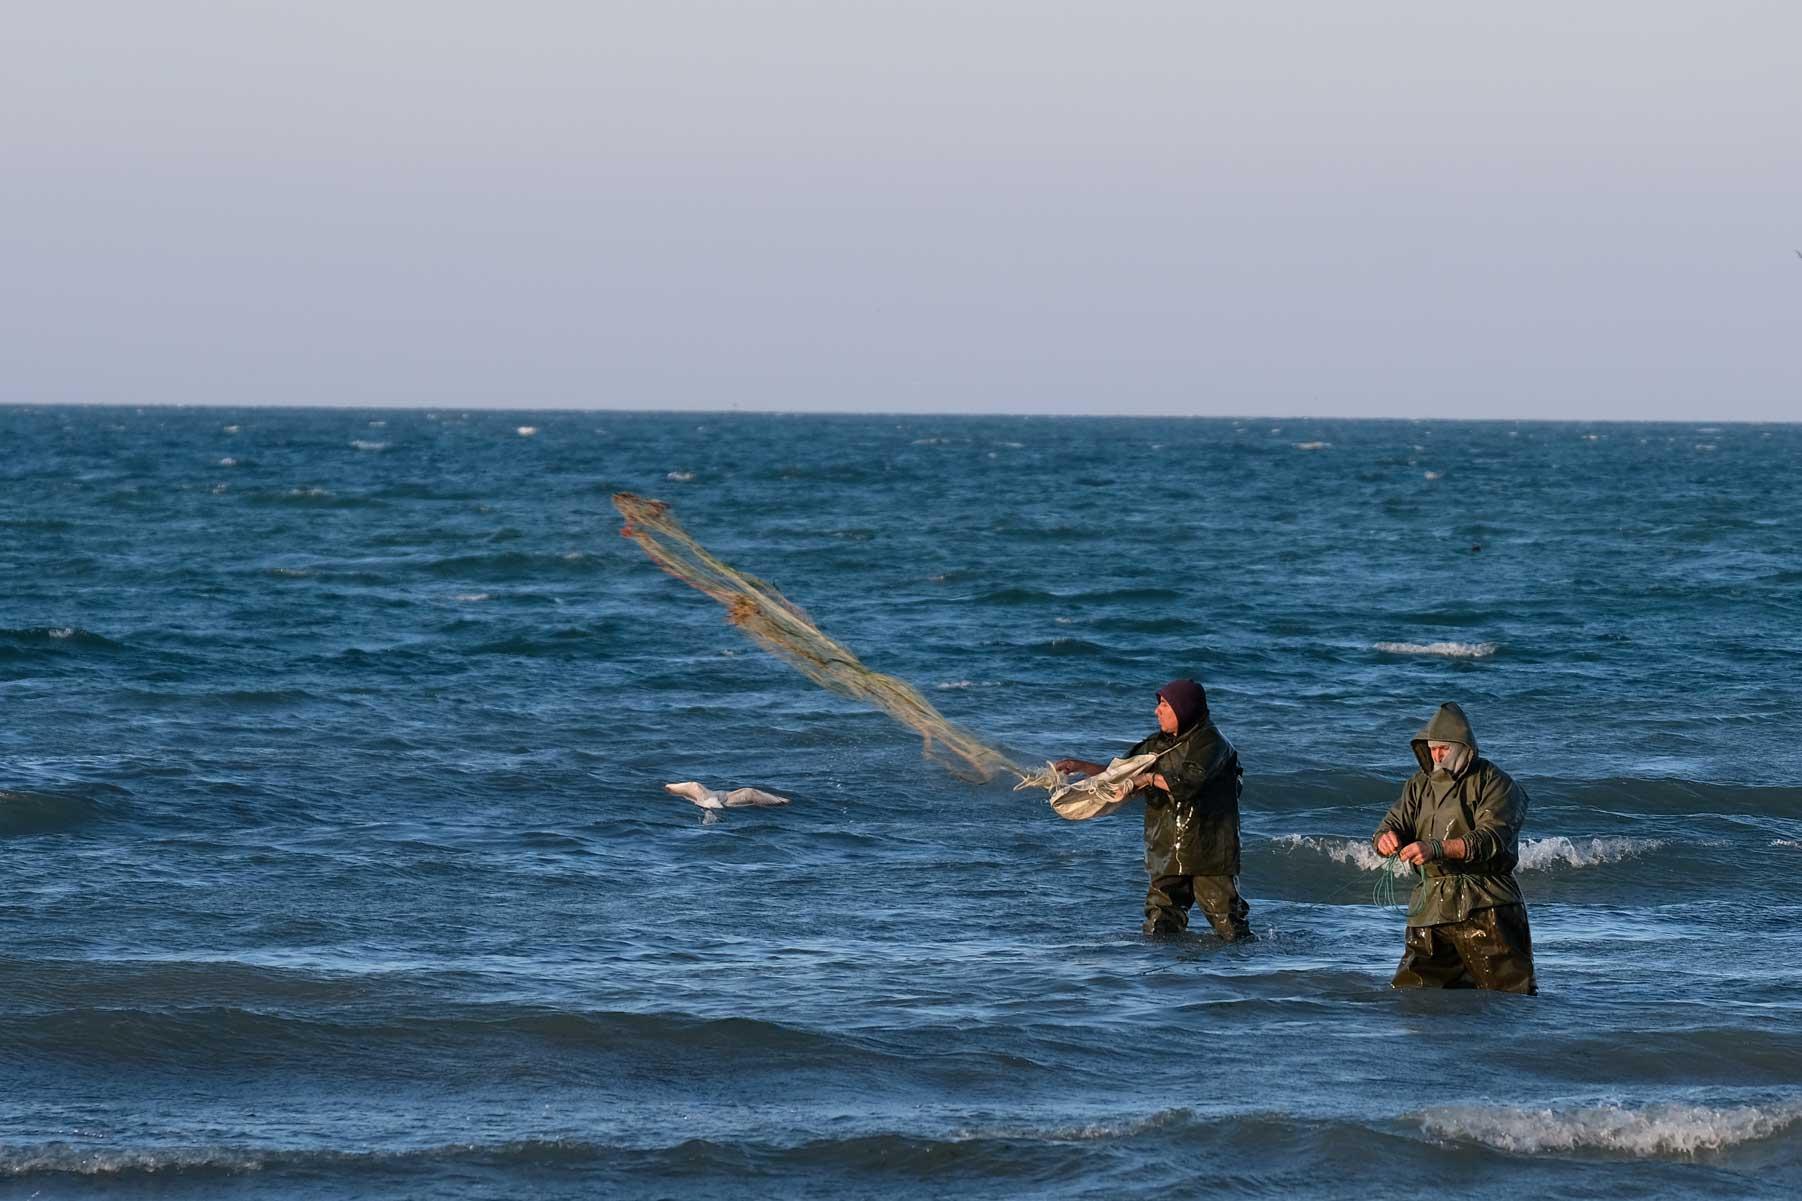 Zwei Fischer werfen im Meer stehend ein Netz aus